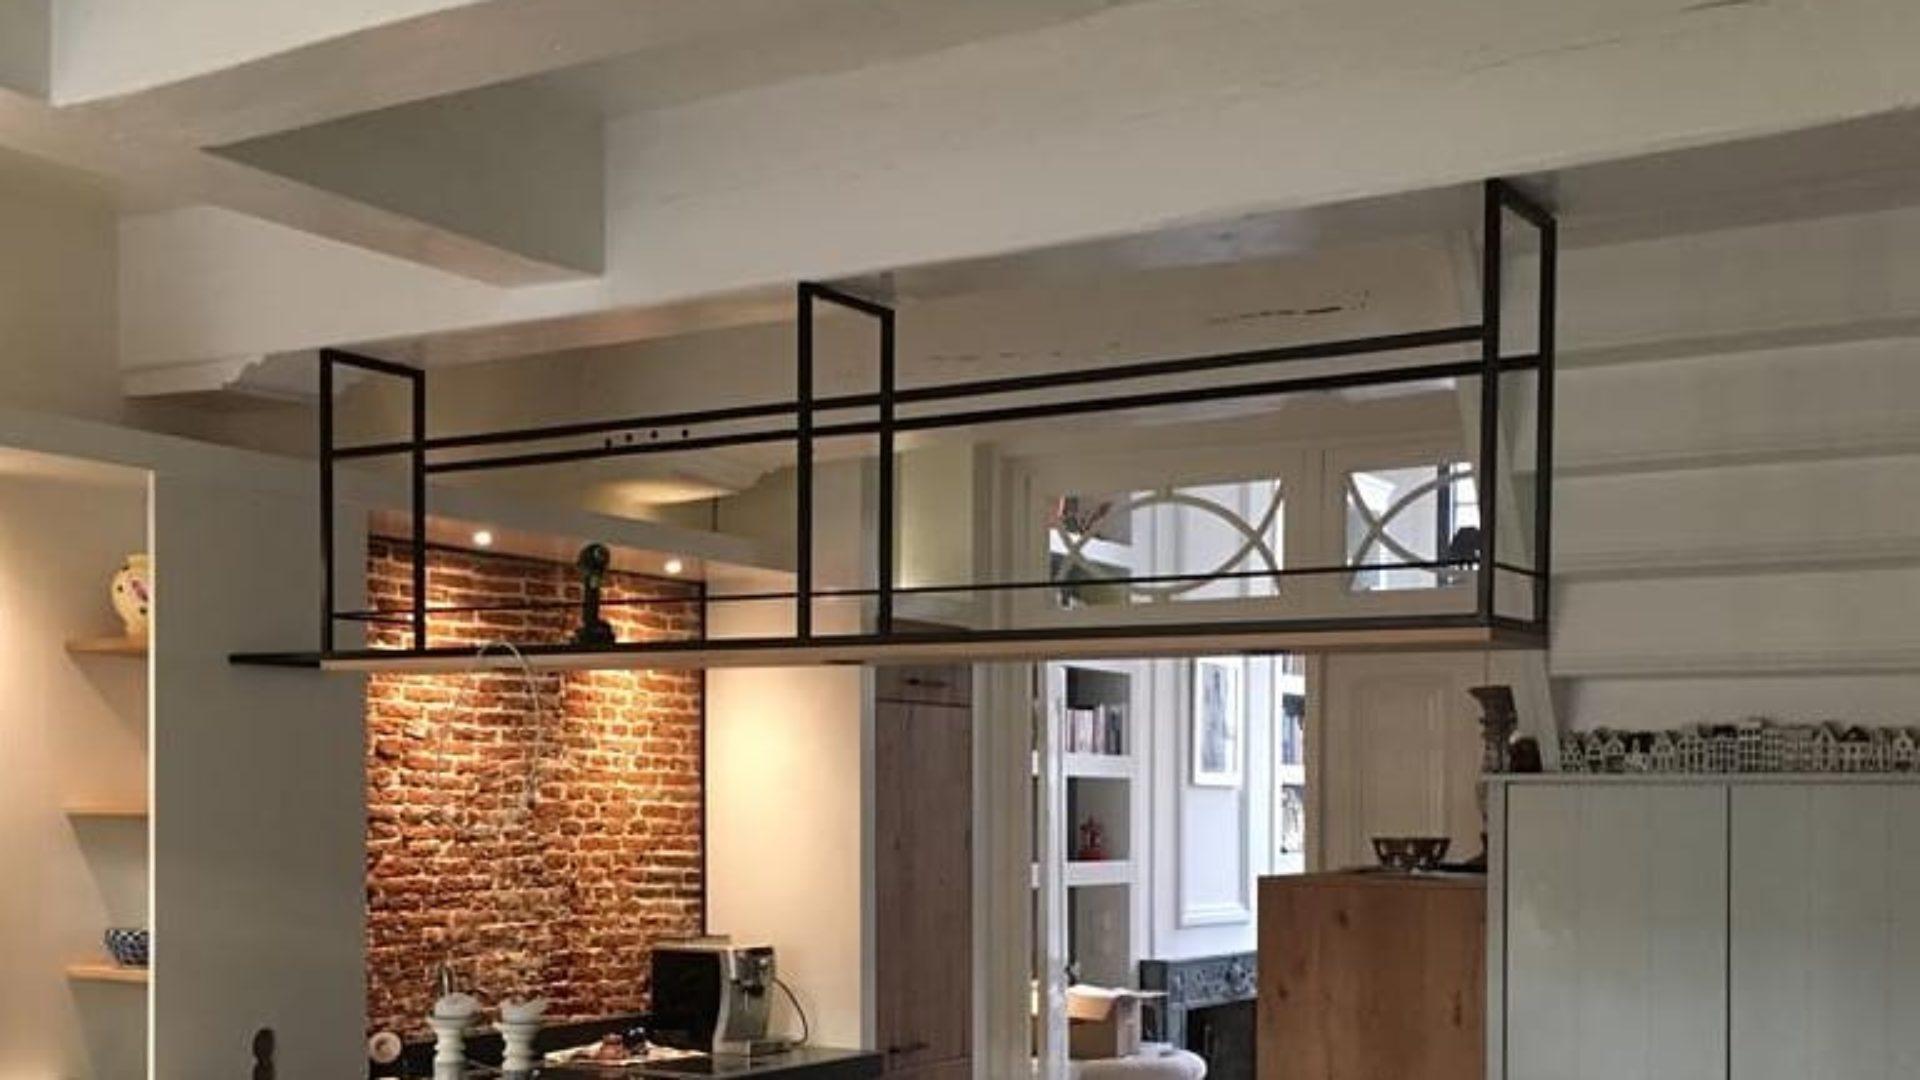 Atelier Aleph120 | Beeldende kunst & Interieurbouw